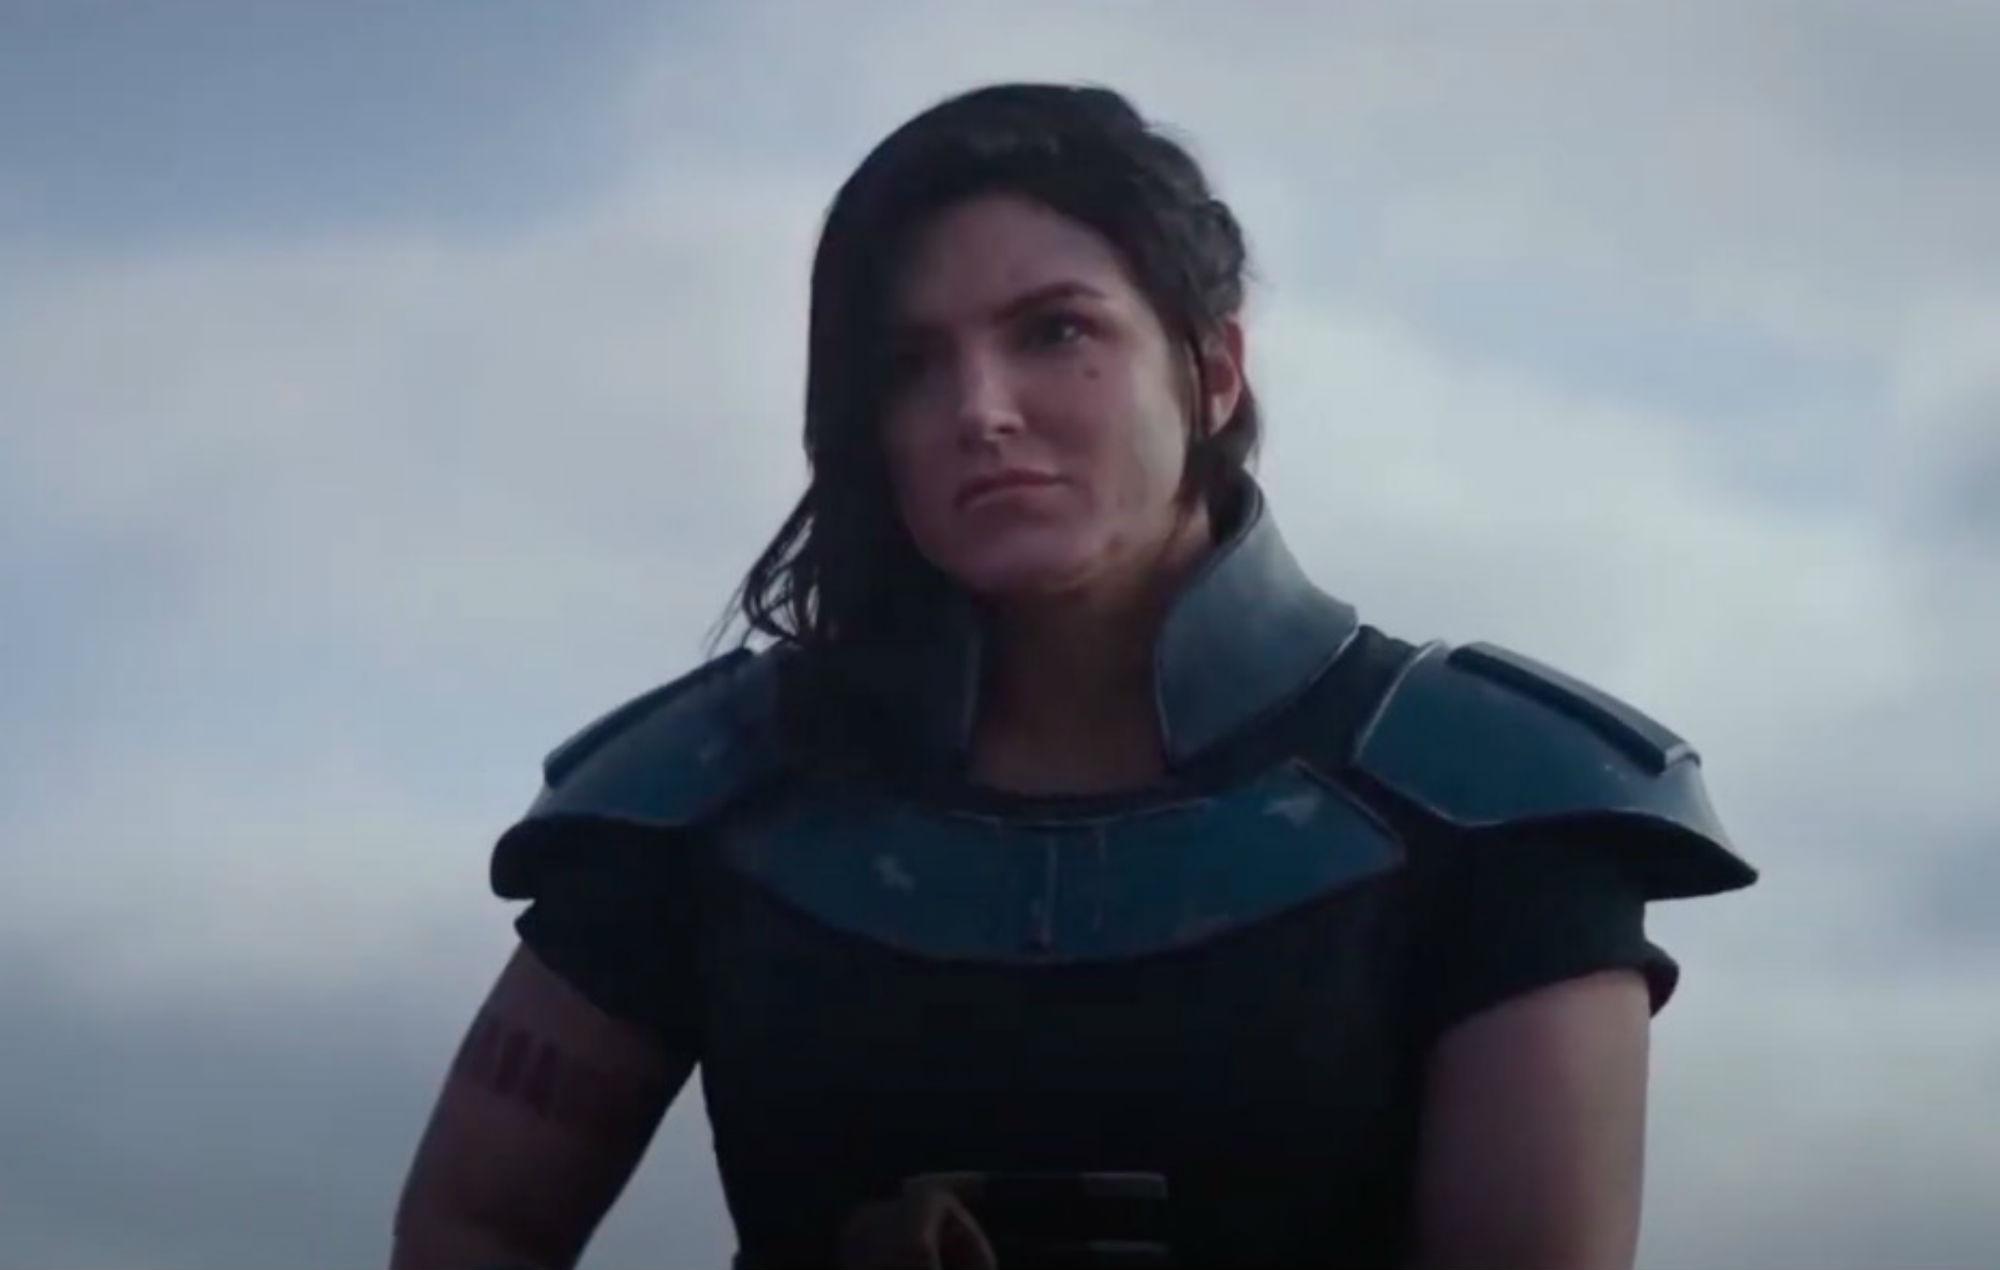 Cara Dune (Gina Carano) in 'The Mandalorian'